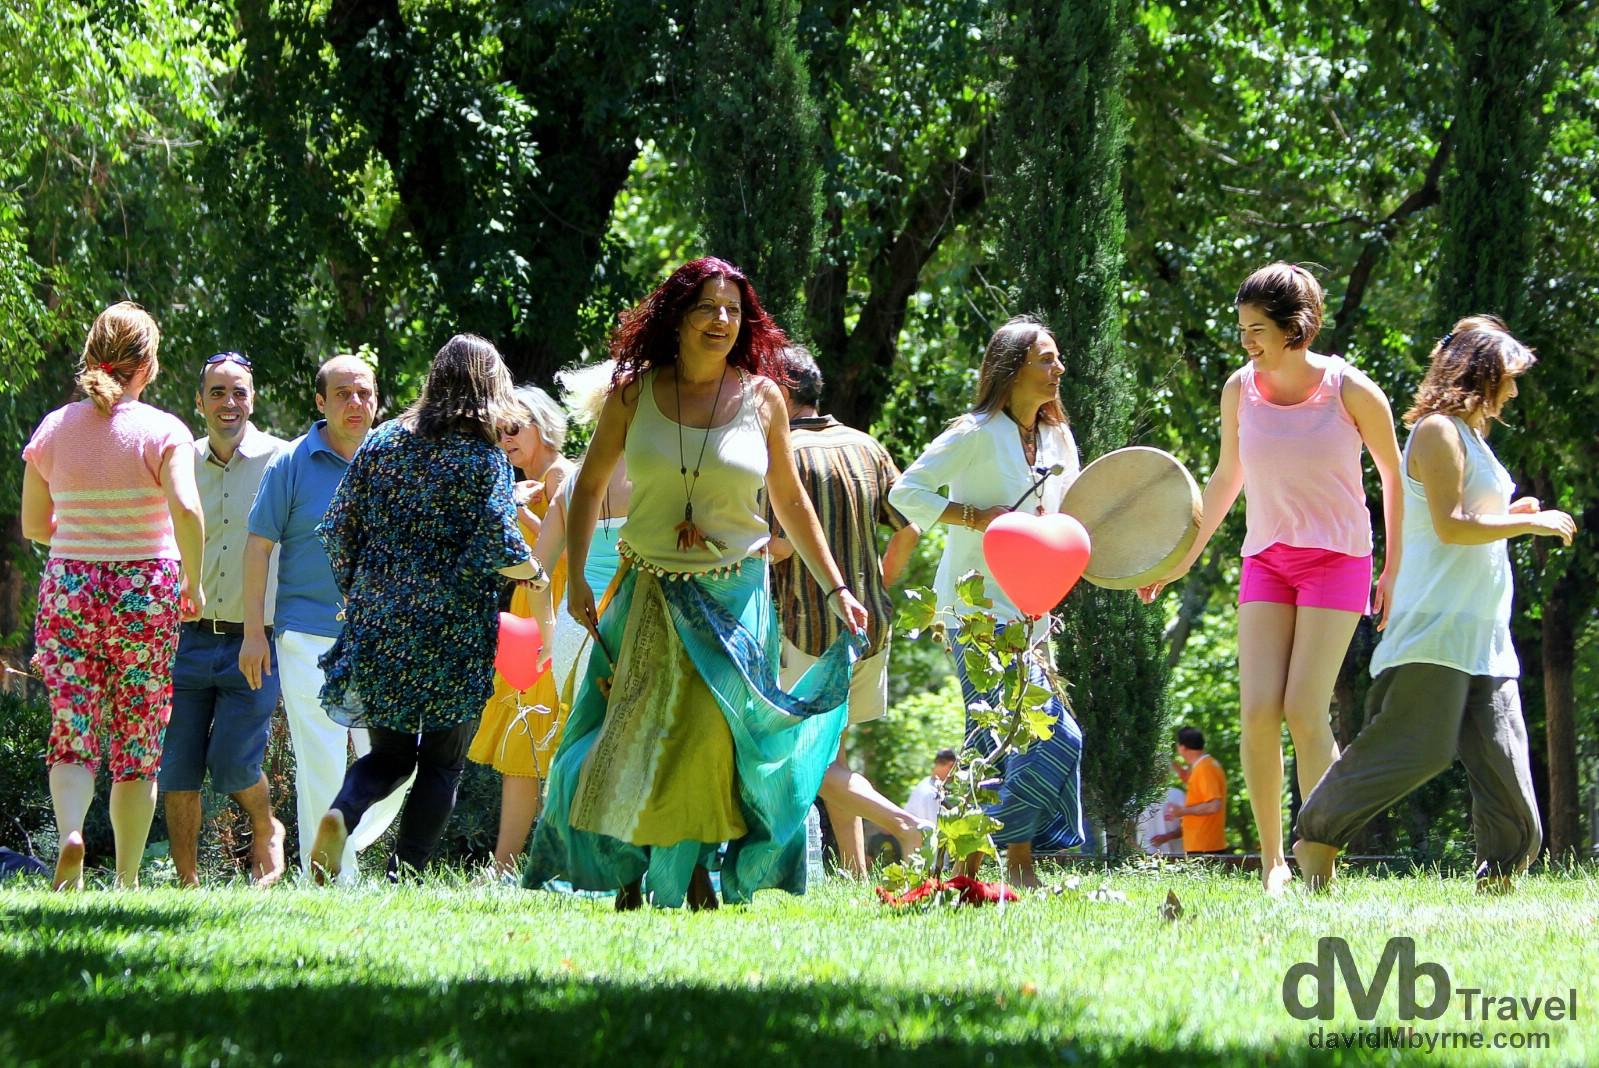 On a happy buzz in Parque de la Montana, Madrid, Spain. June 15th, 2014.